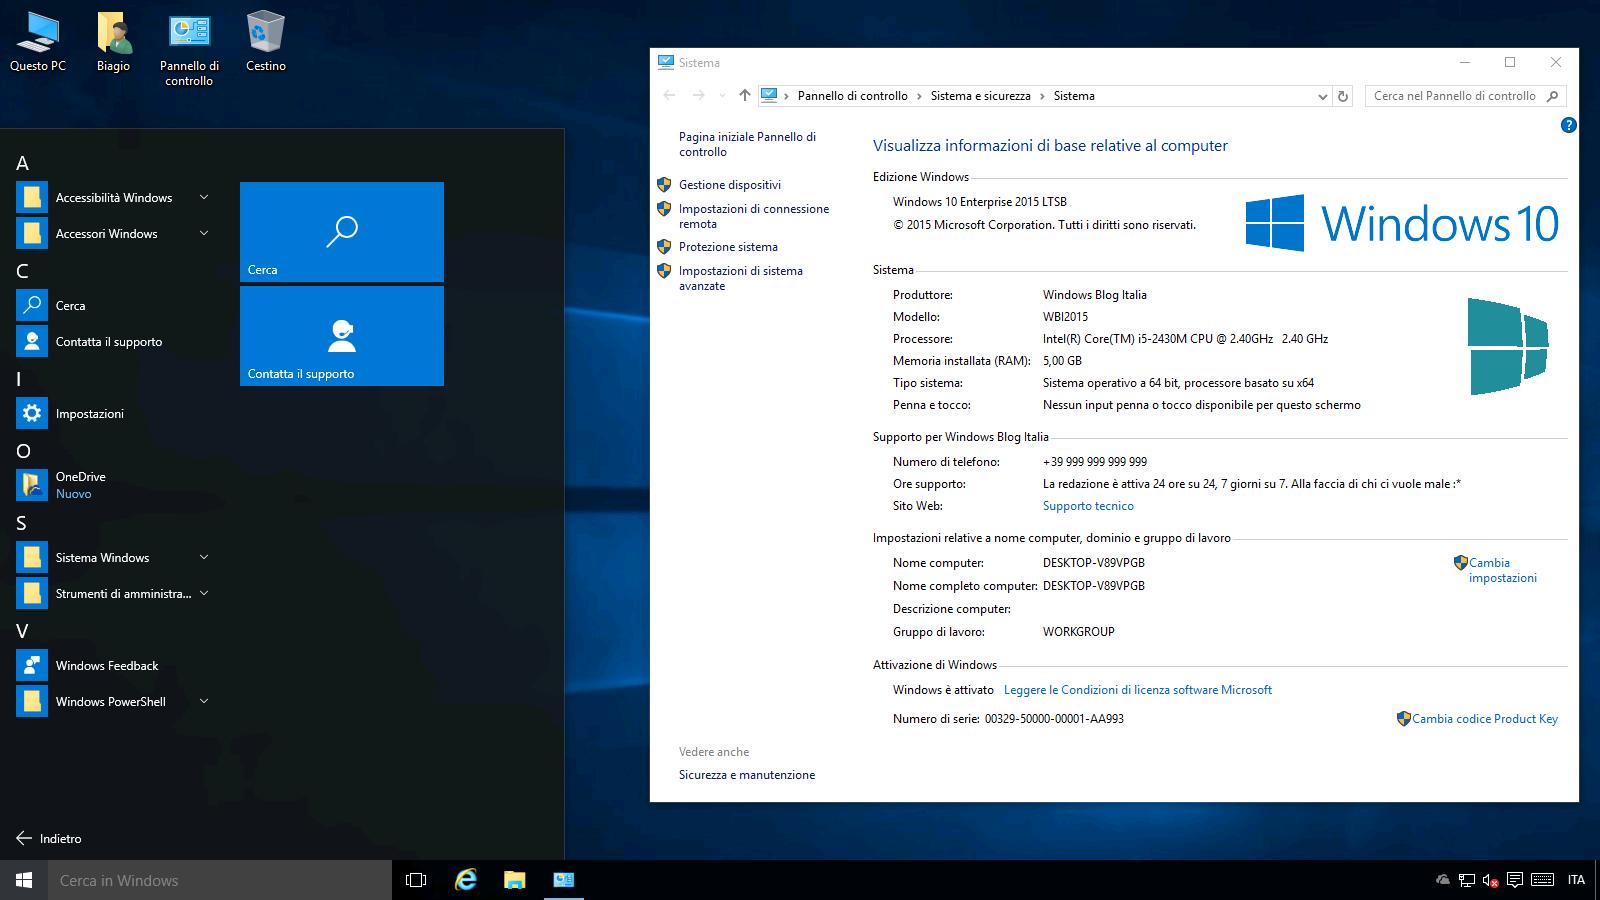 Danh sách các phiên bản của Windows 10